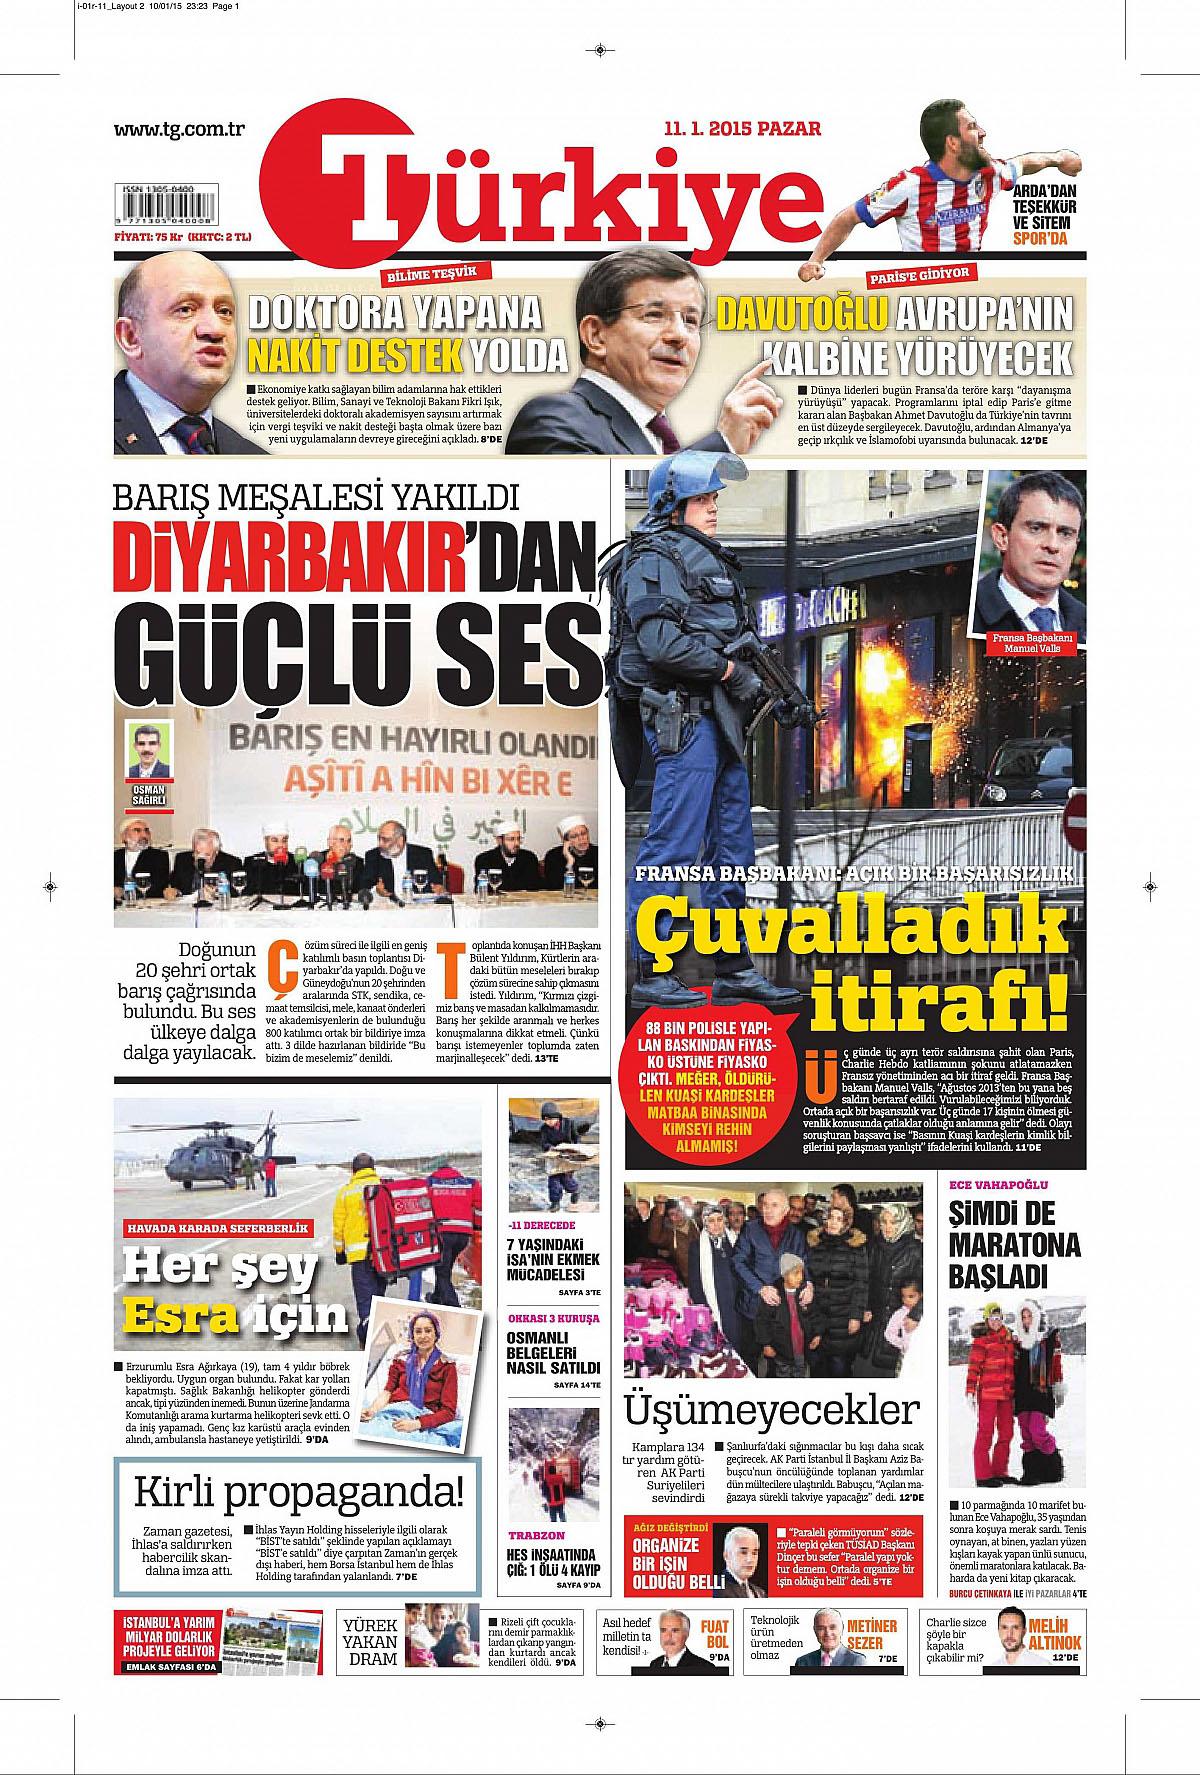 turkiye-gazetesi_82297